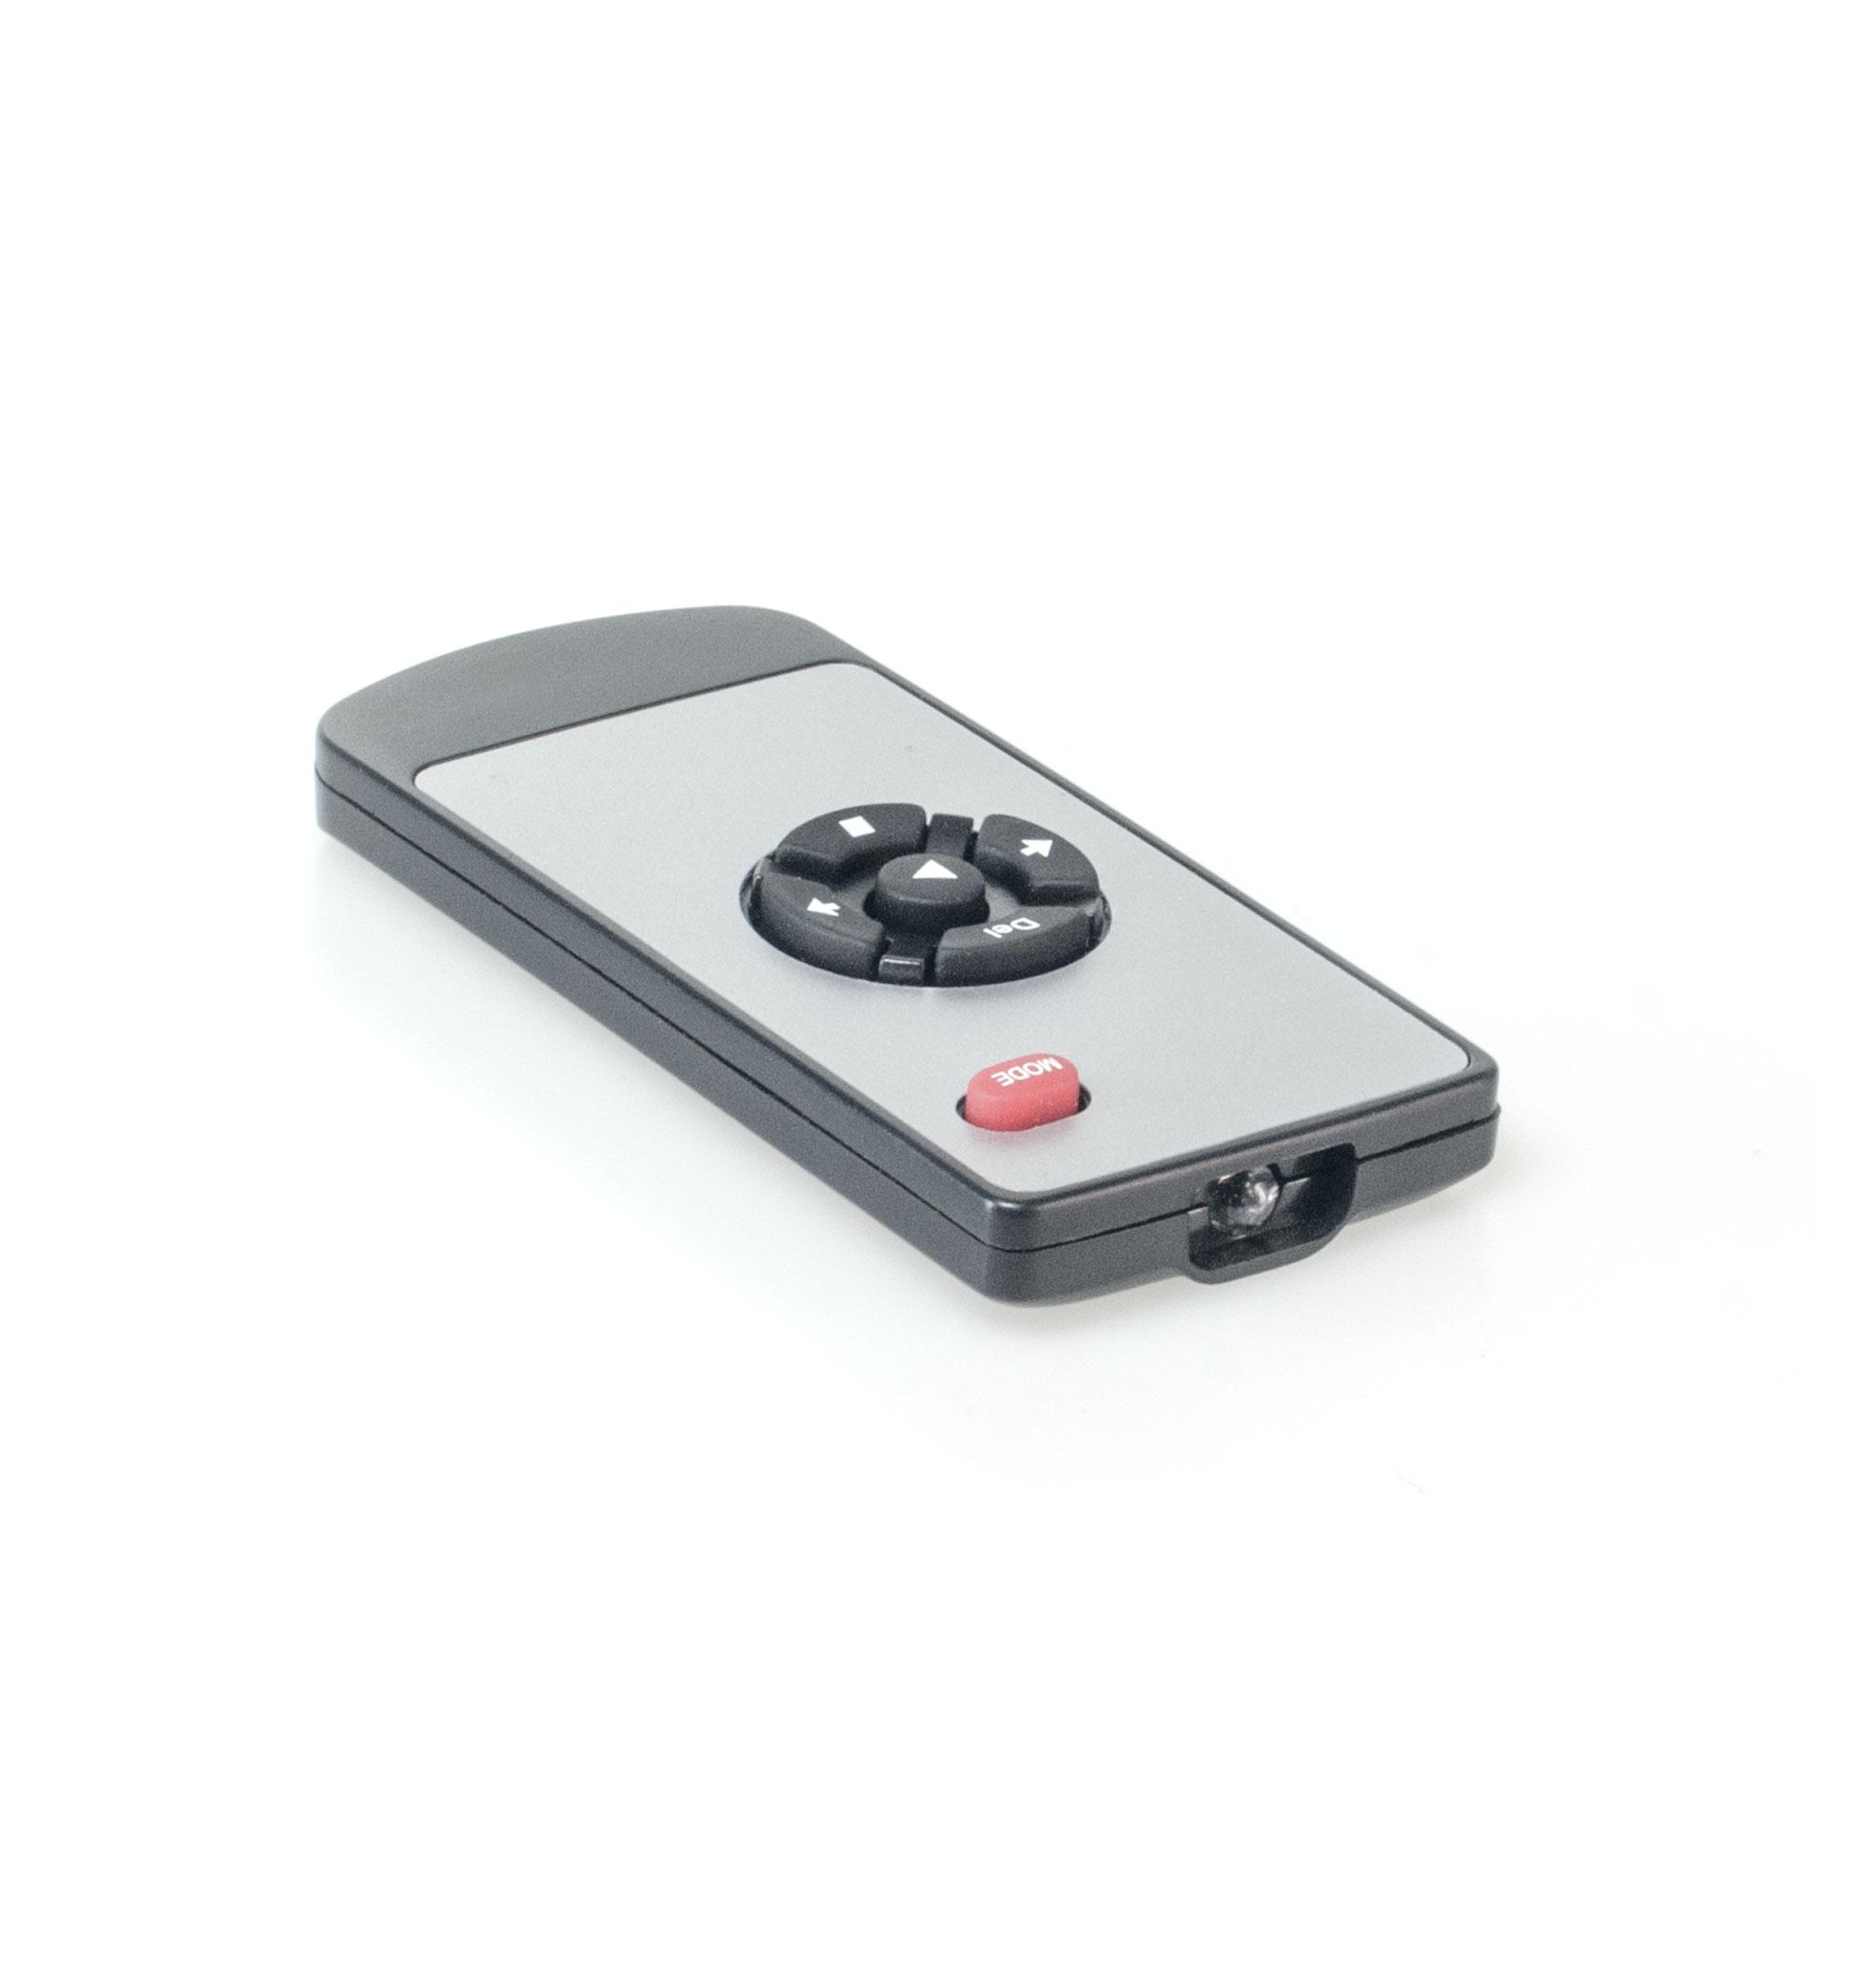 OwlEye_Remote_Control_5-5016